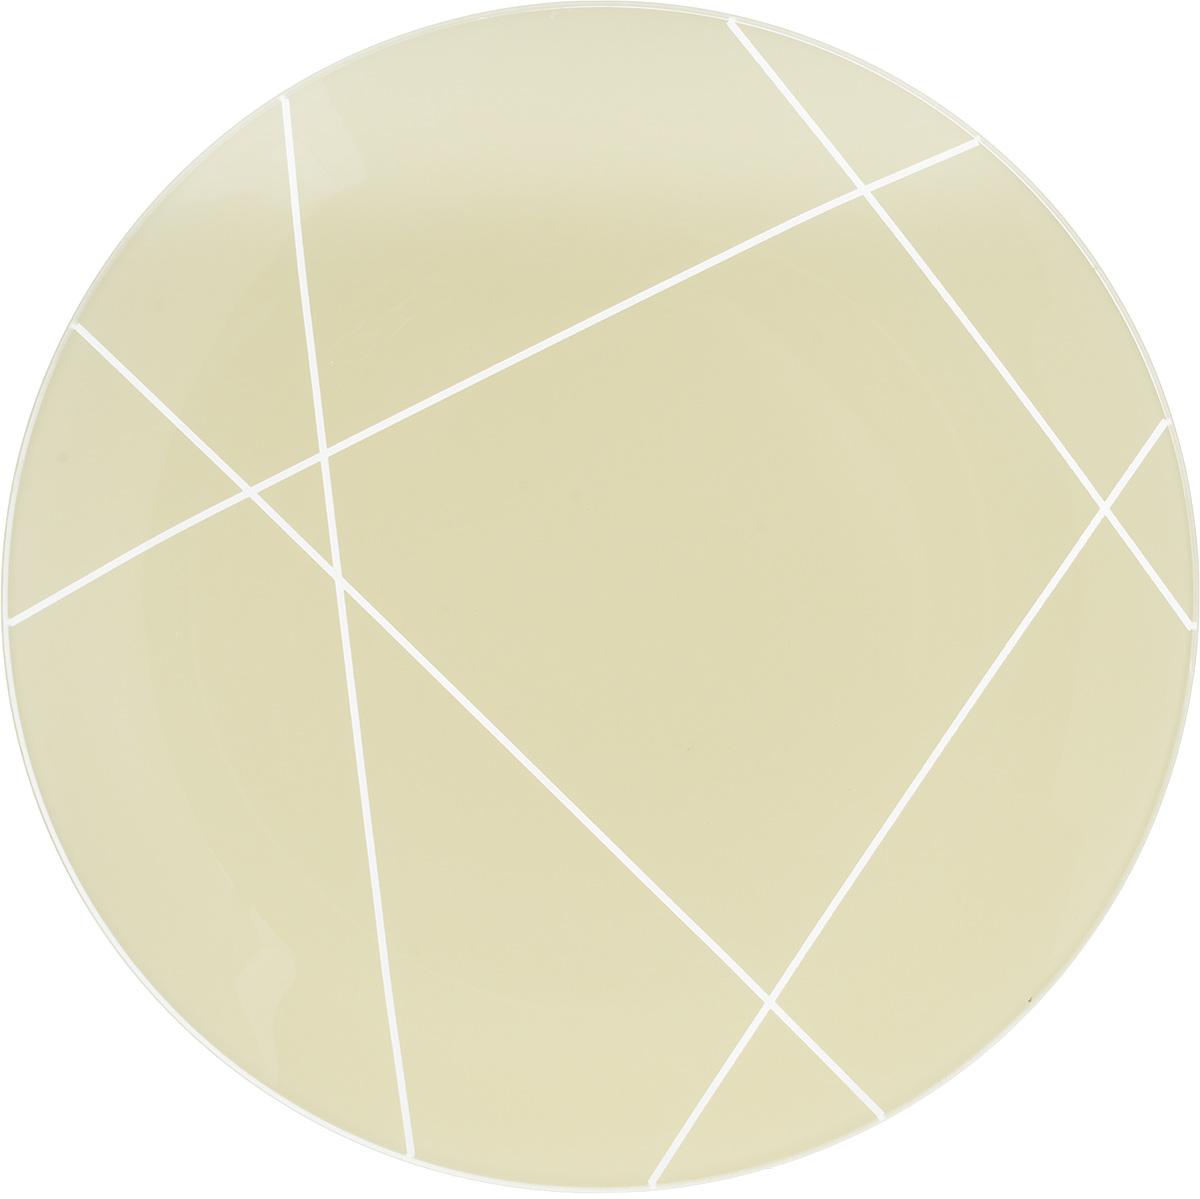 Тарелка NiNaGlass Контур, цвет: светло-бежевый, диаметр 30 см85-300-002/белТарелка NiNaGlass Виктория выполнена из высококачественного стекла и оформлена красивым прозрачным геометрическим принтом. Тарелка идеальна для подачи вторых блюд, а также сервировки закусок, нарезок, салатов, овощей и фруктов. Она отлично подойдет как для повседневных, так и для торжественных случаев. Такая тарелка прекрасно впишется в интерьер вашей кухни и станет достойным дополнением к кухонному инвентарю.